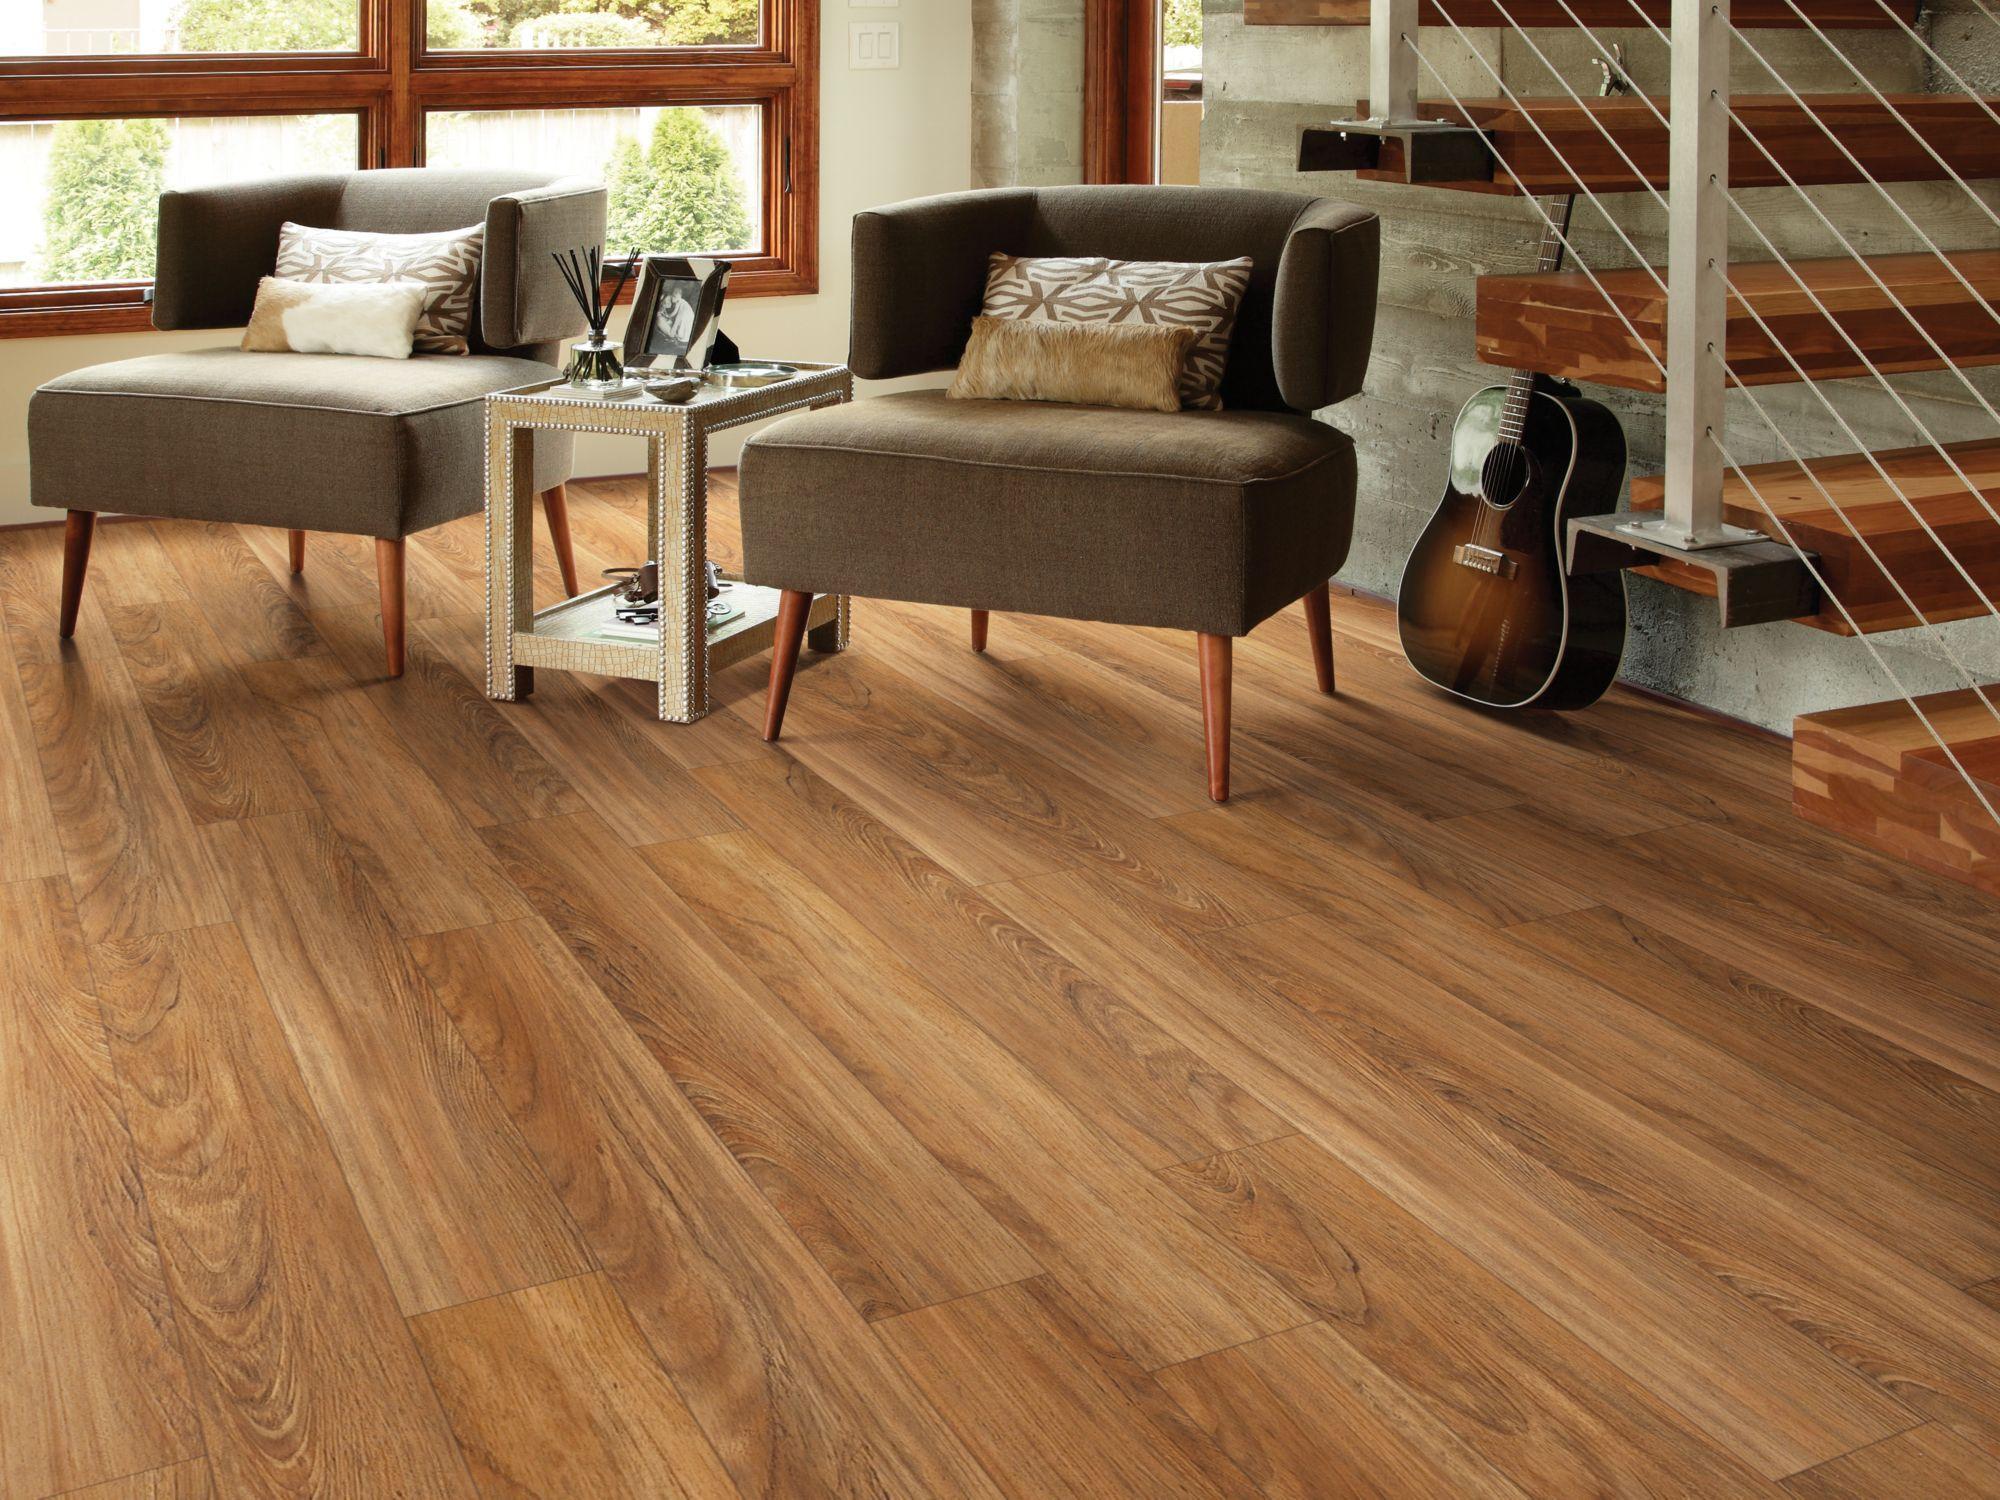 Classico Plus Plank Room View in 2020 Teak flooring